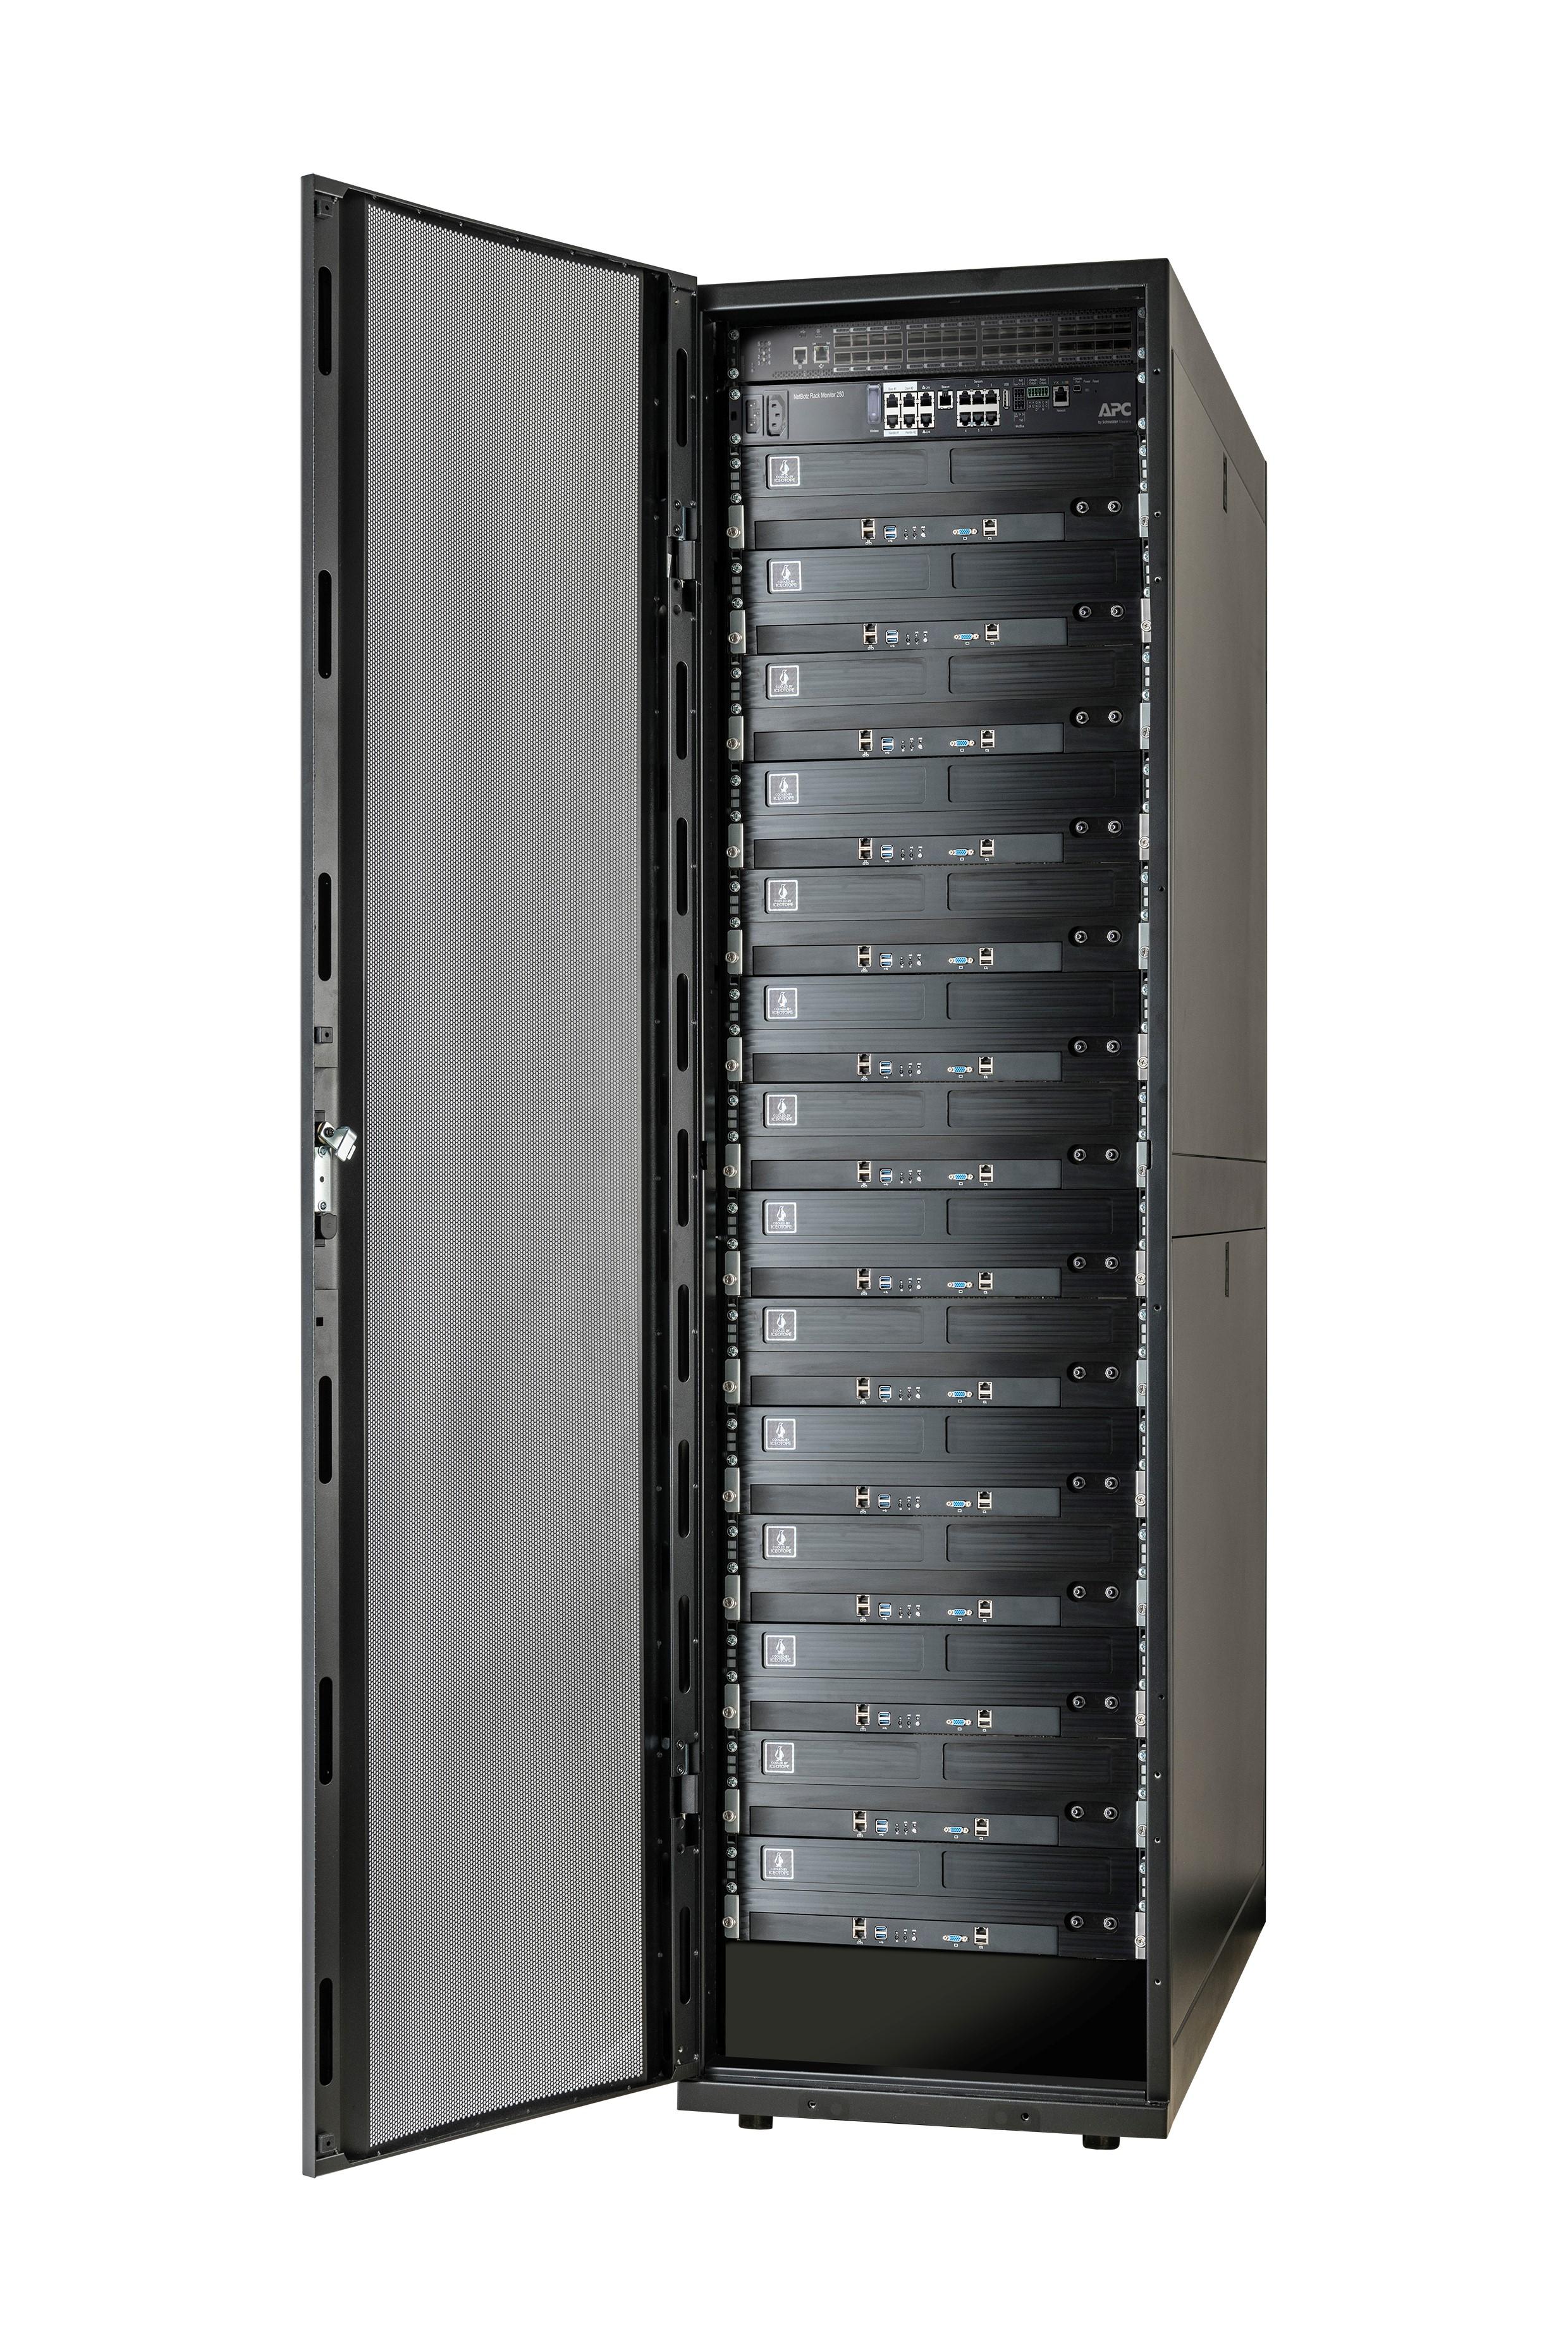 Primul rack integrat din industrie, cu tehnologie de răcire lichidă, pentru centrele de date